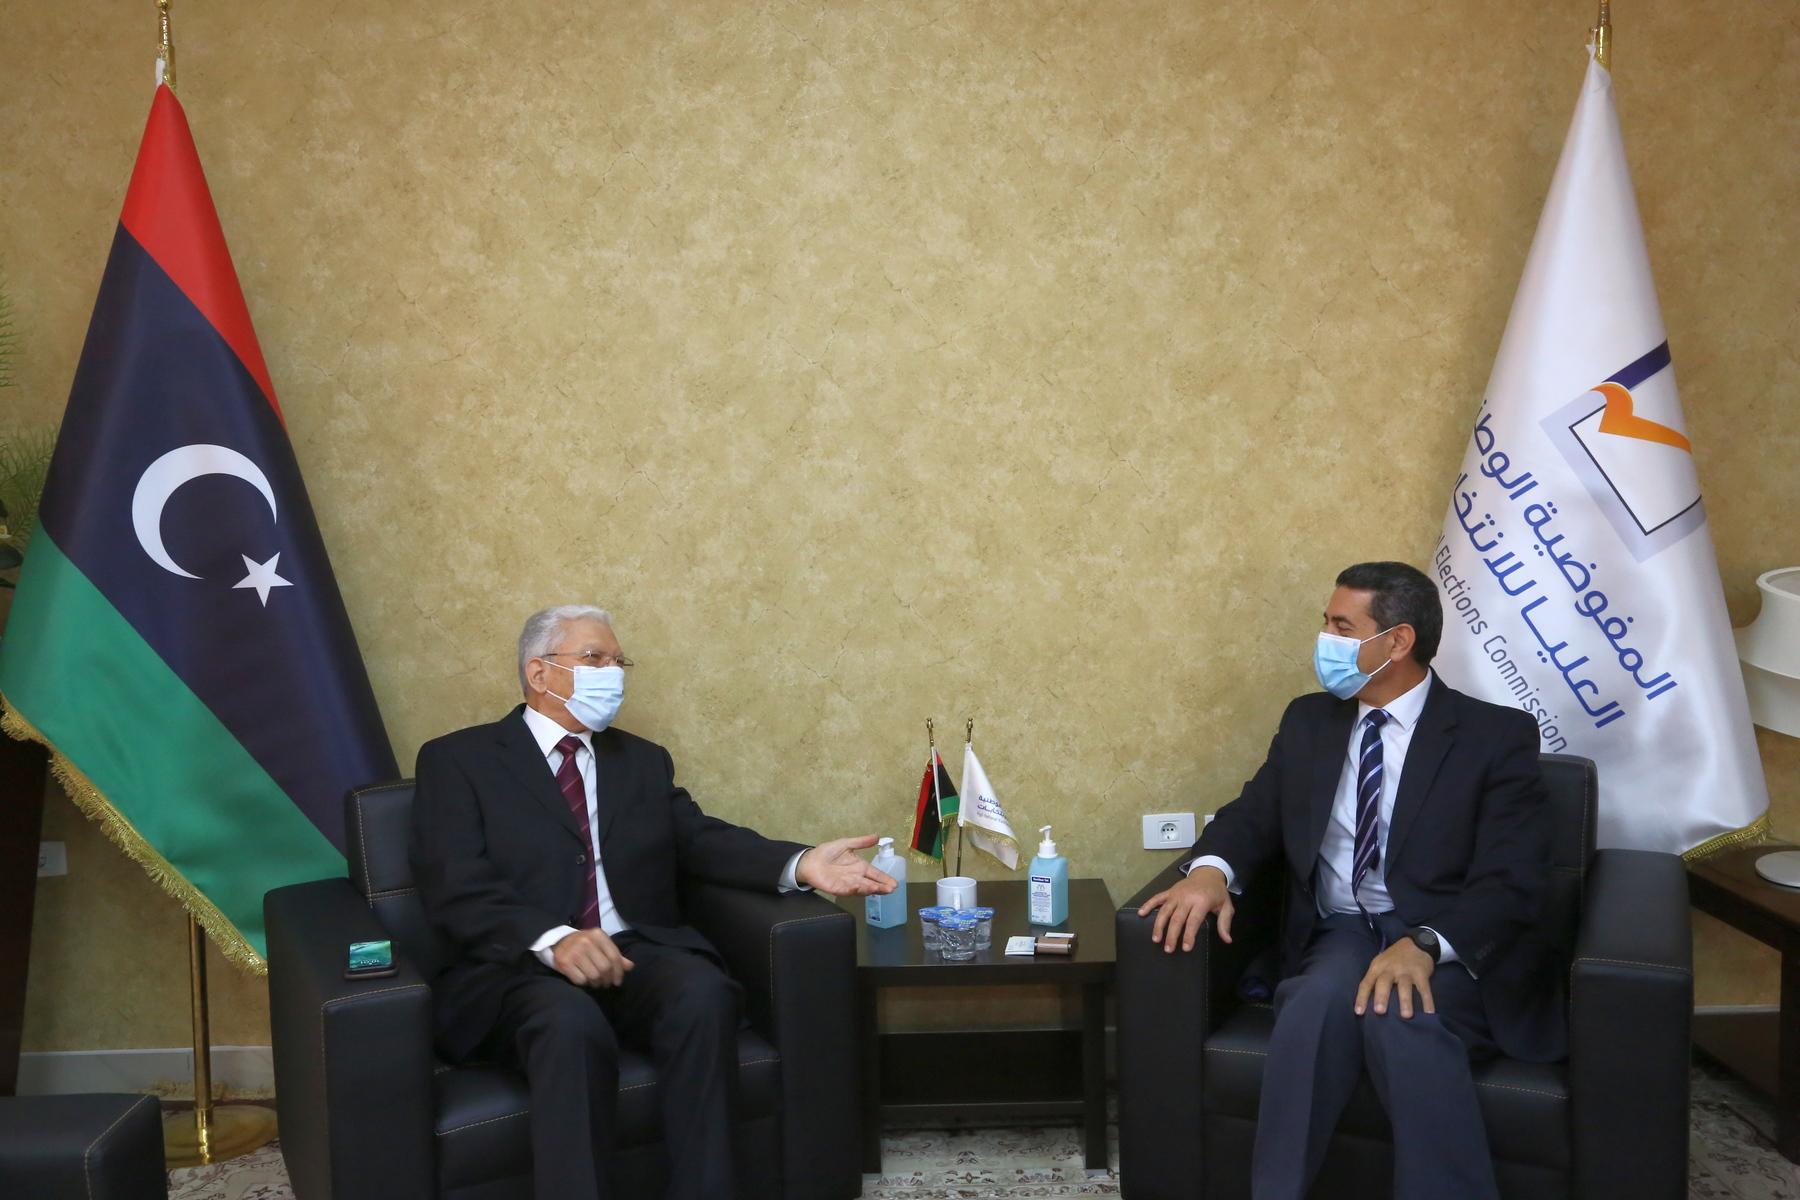 المفوضية توقع اتفاقية تعاون مع الأمانة لاتحاد المغرب العربي